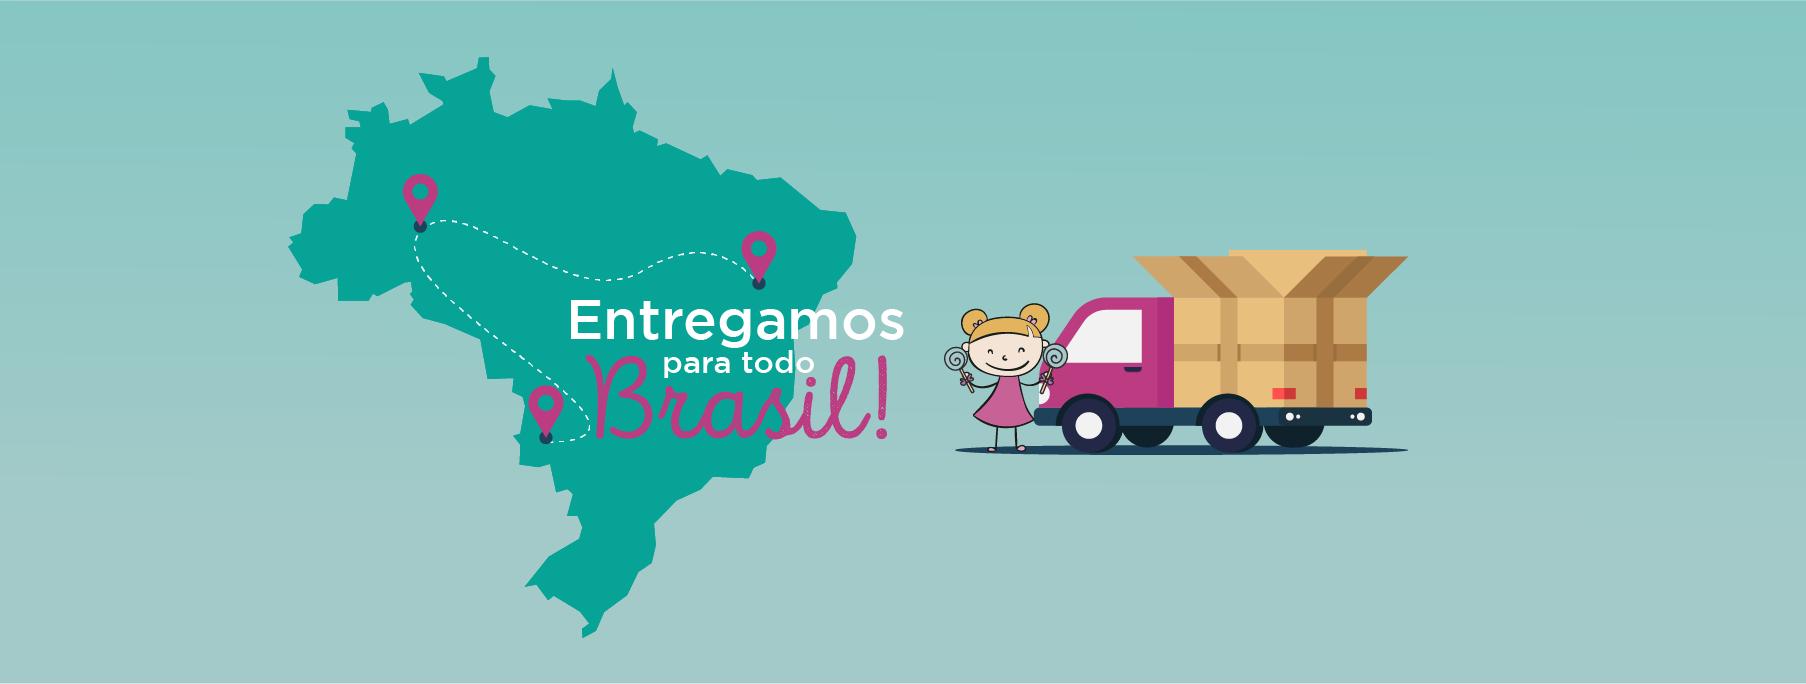 Entrega para todo Brasil